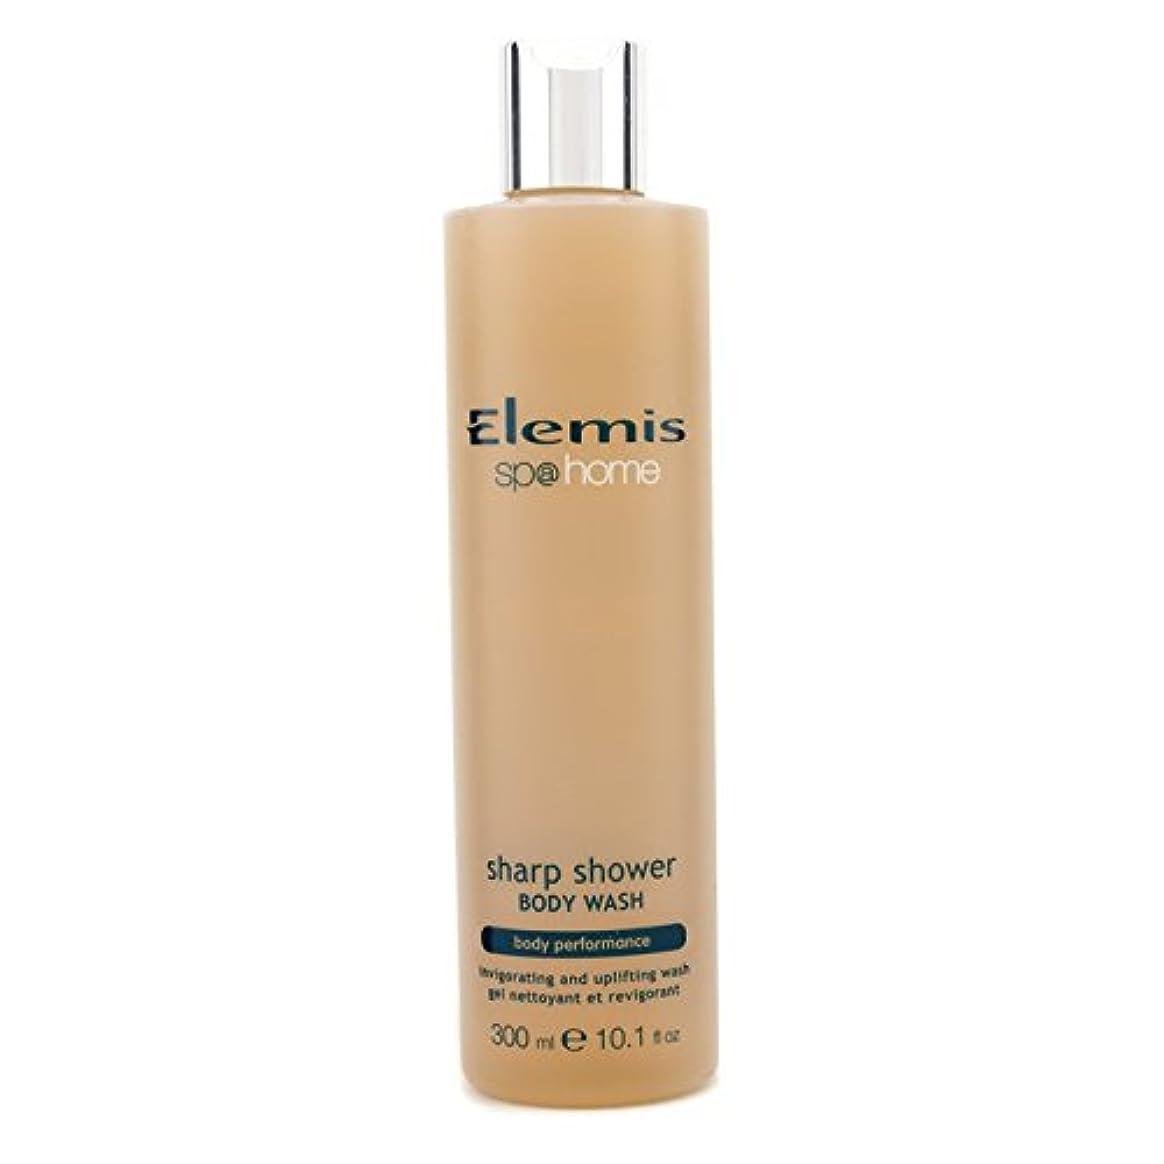 アナログ去る強大なエレミス シャープ シャワー ボディウォッシュ 300ml/10.1oz並行輸入品